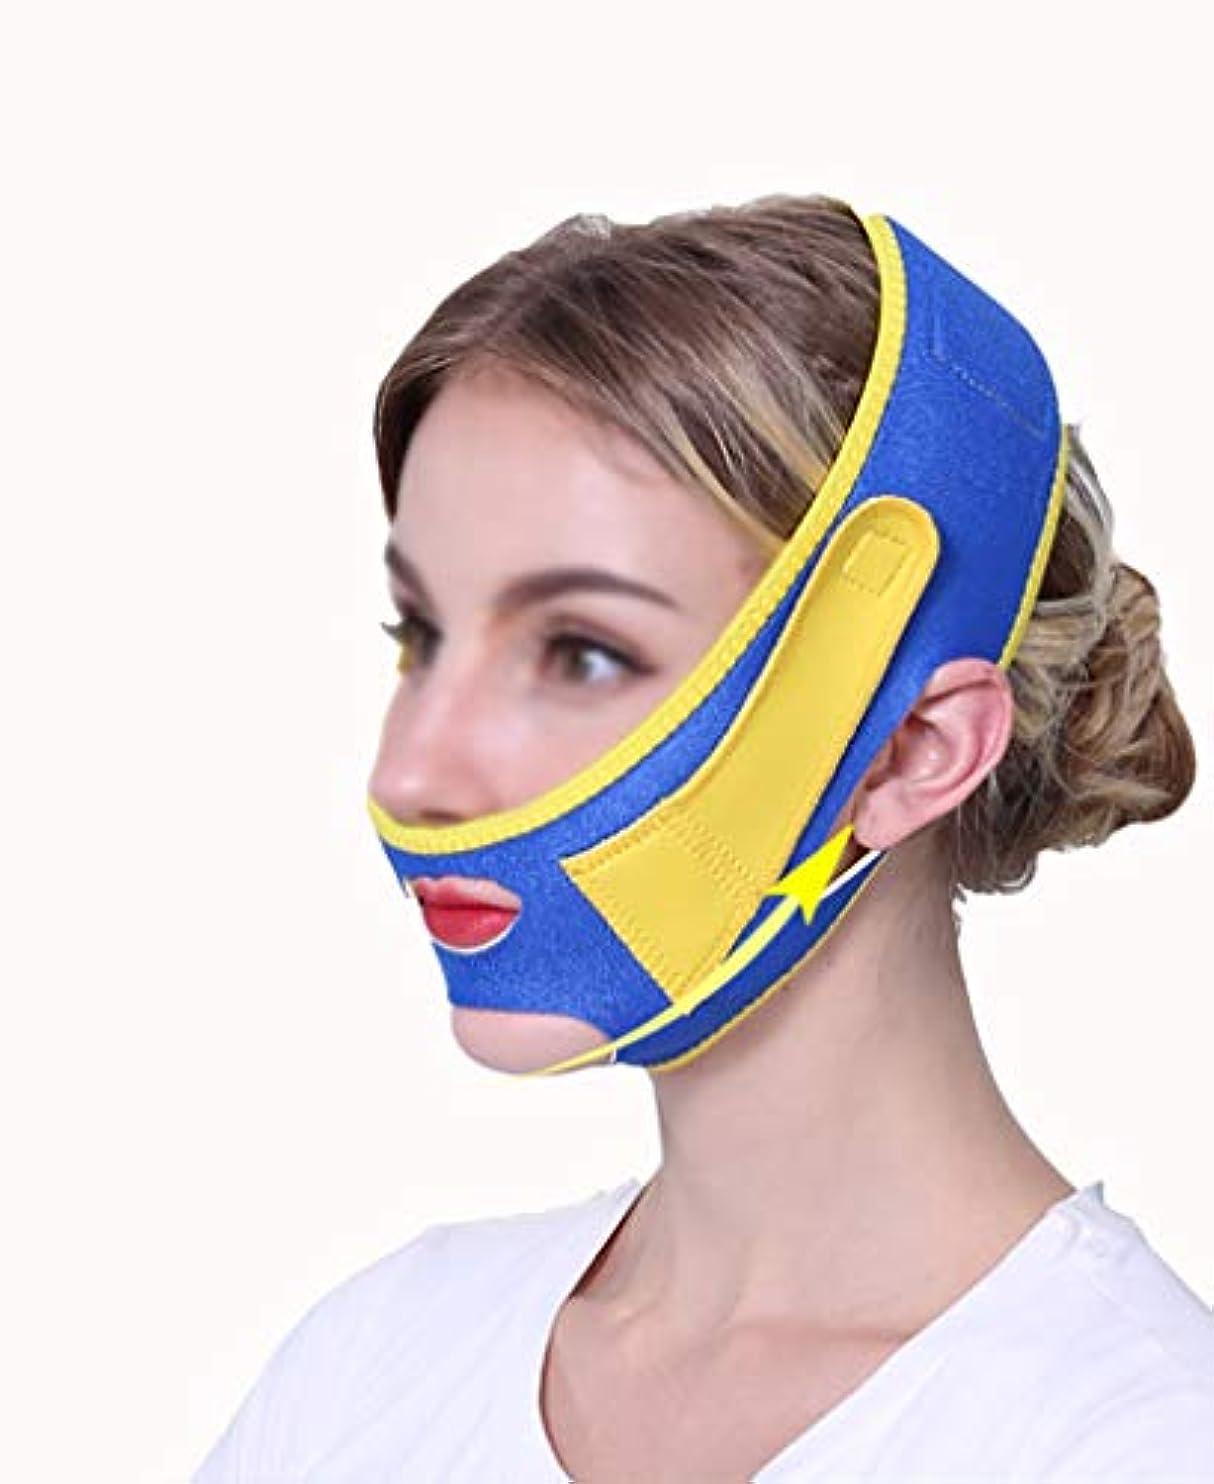 尊敬リスナー二層TLMY 薄いフェイスマスクあごストラップ回復包帯薄いフェイスマスクVフェイスステッカーフェイスステッカー韓国本物のリフティング引き締め形状の薄い二重あごの薄い顔の睡眠包帯アーティファクト 顔用整形マスク